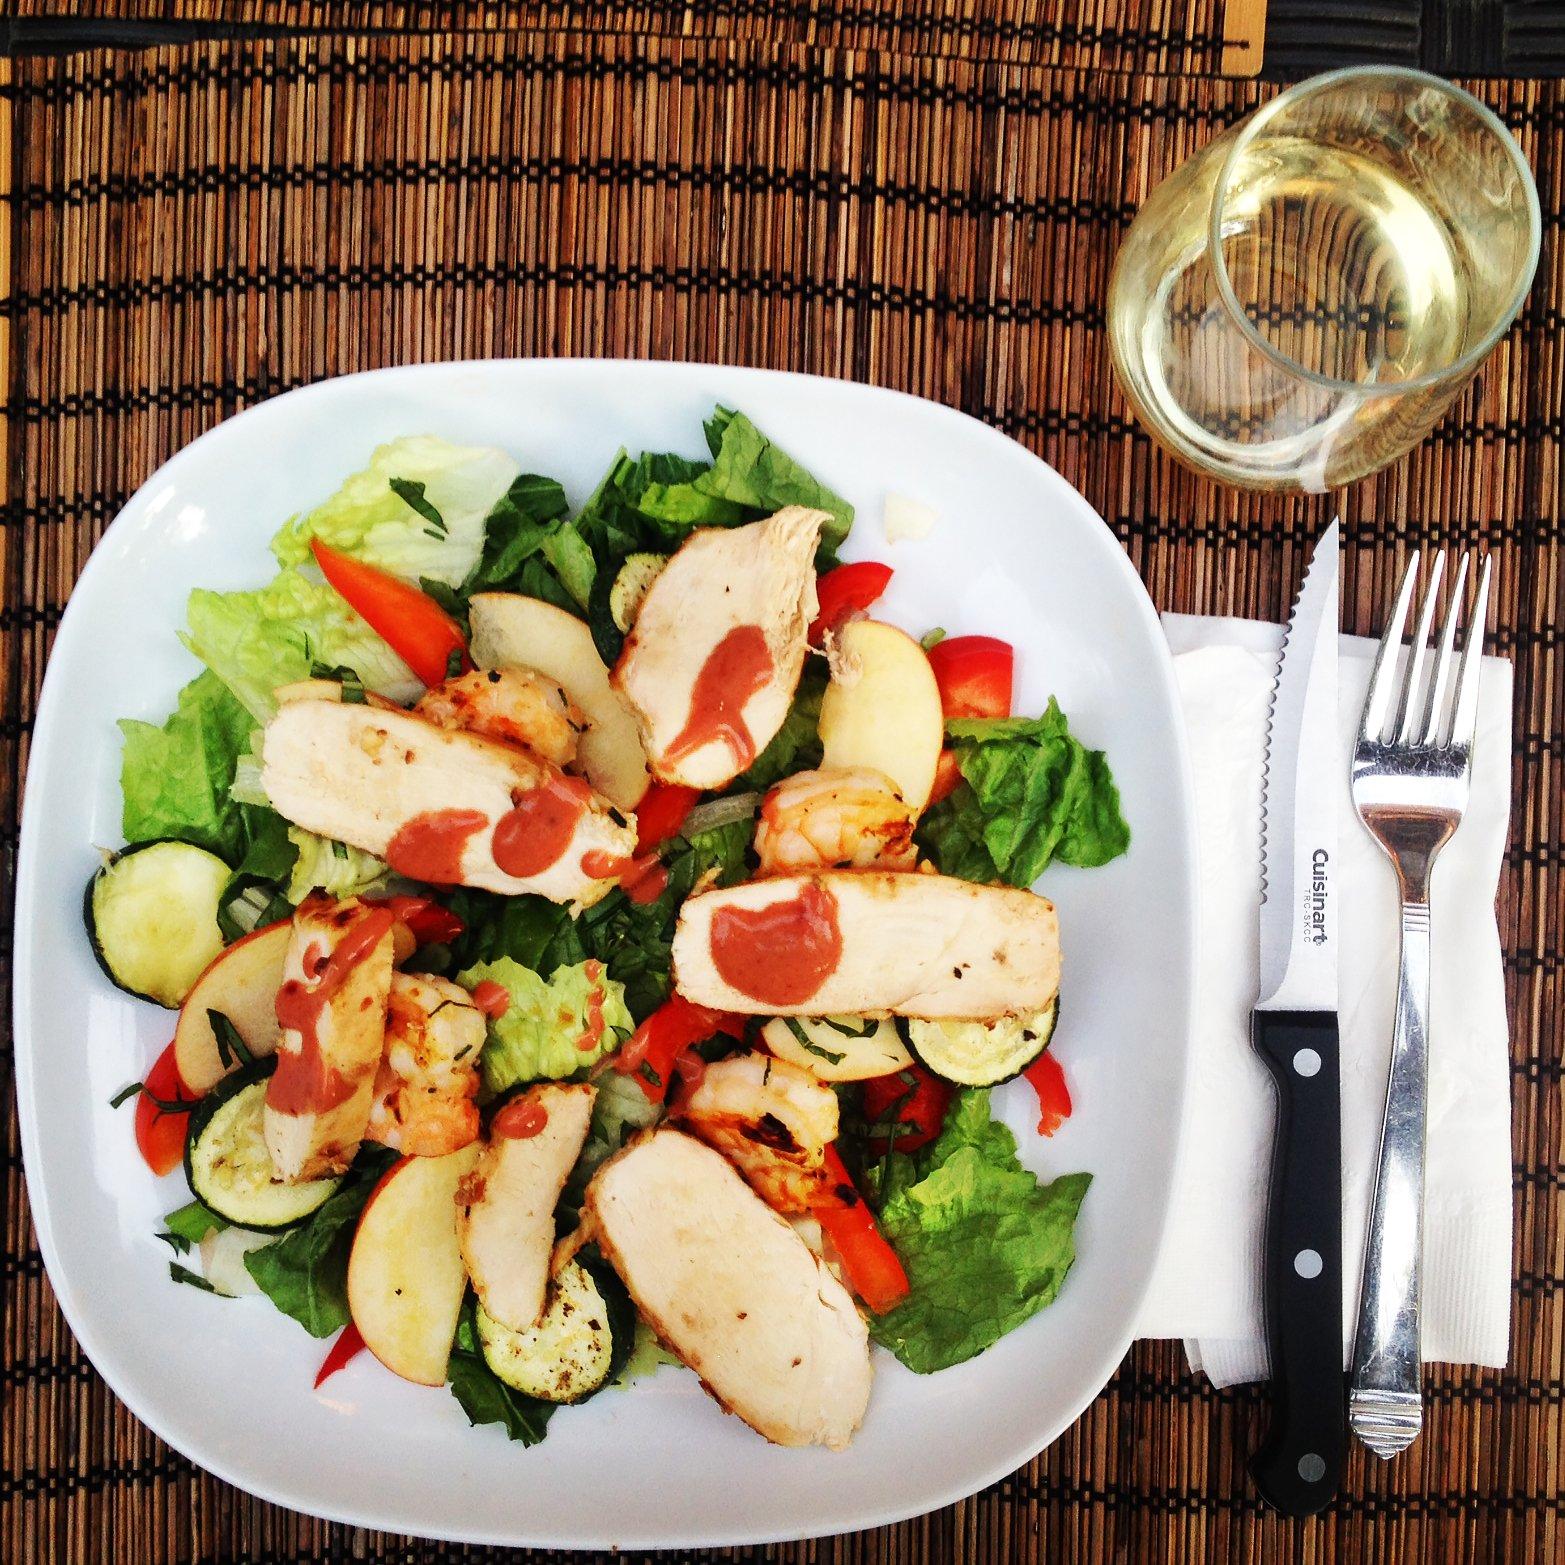 La salade qui accompagne la sangria bleue de Tidifoodie